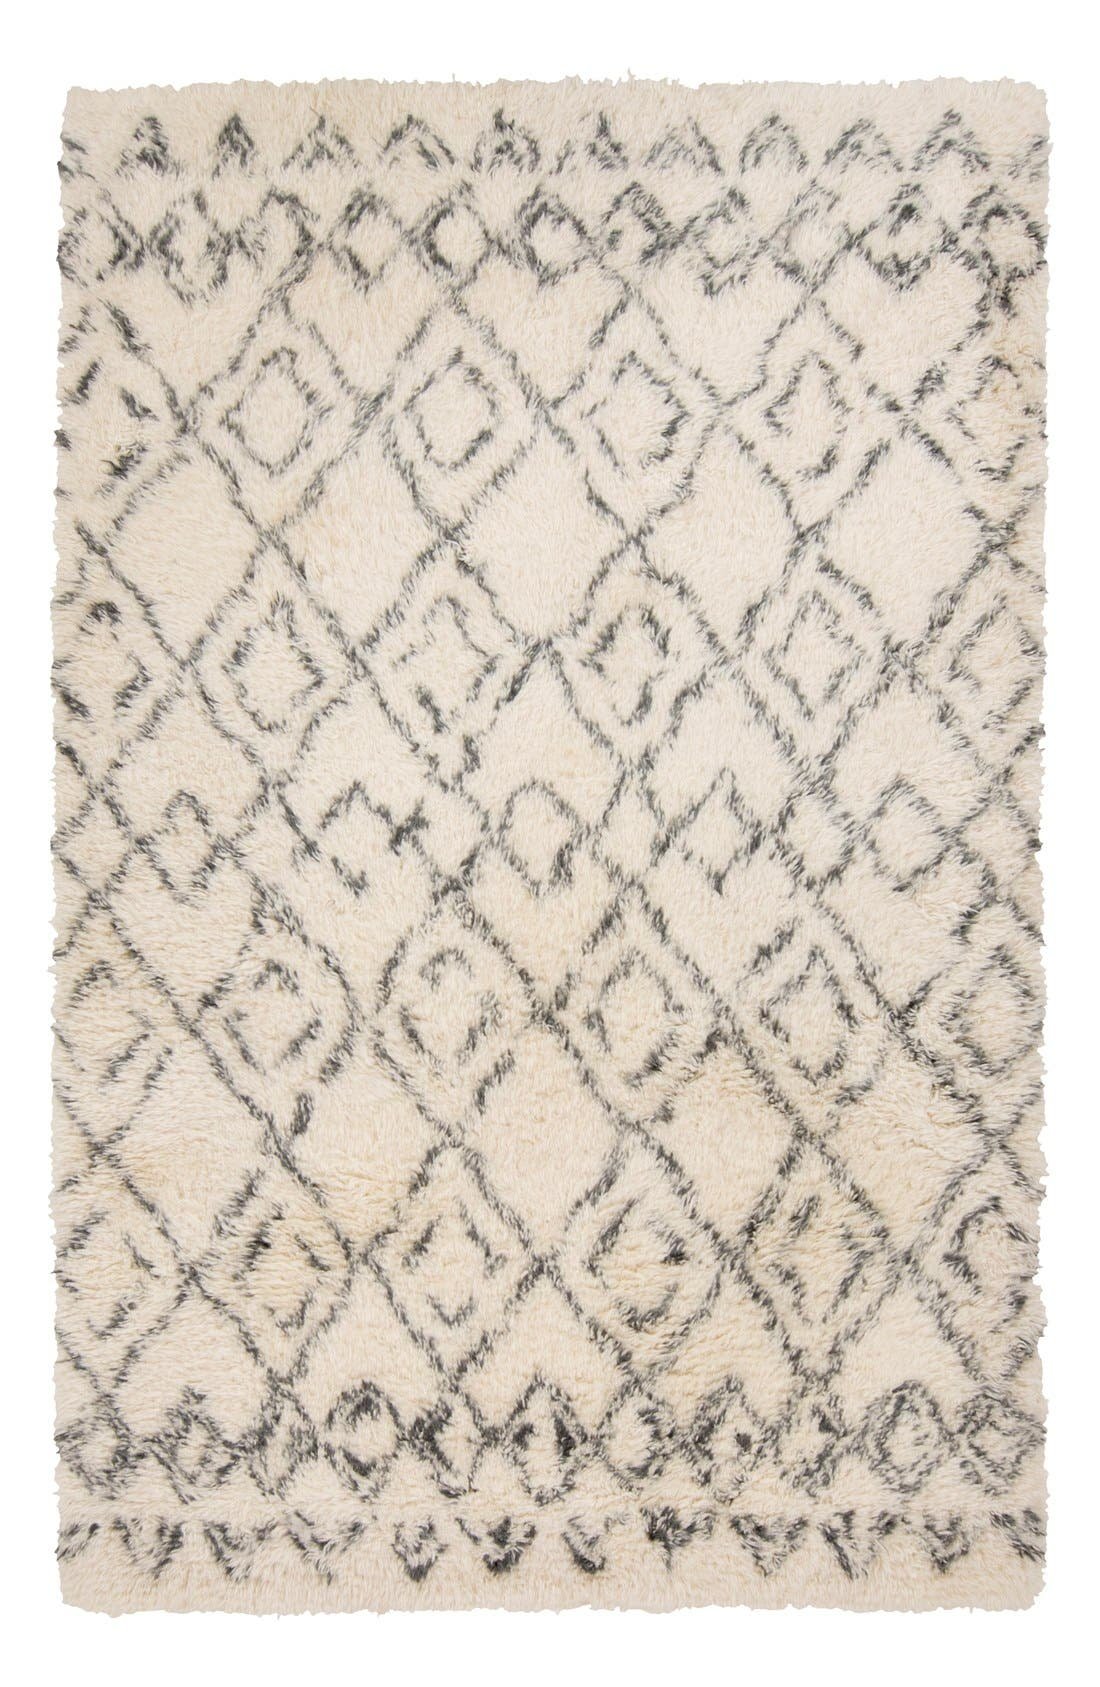 Alternate Image 1 Selected - Surya Home 'Tasman' New Zealand Wool Rug